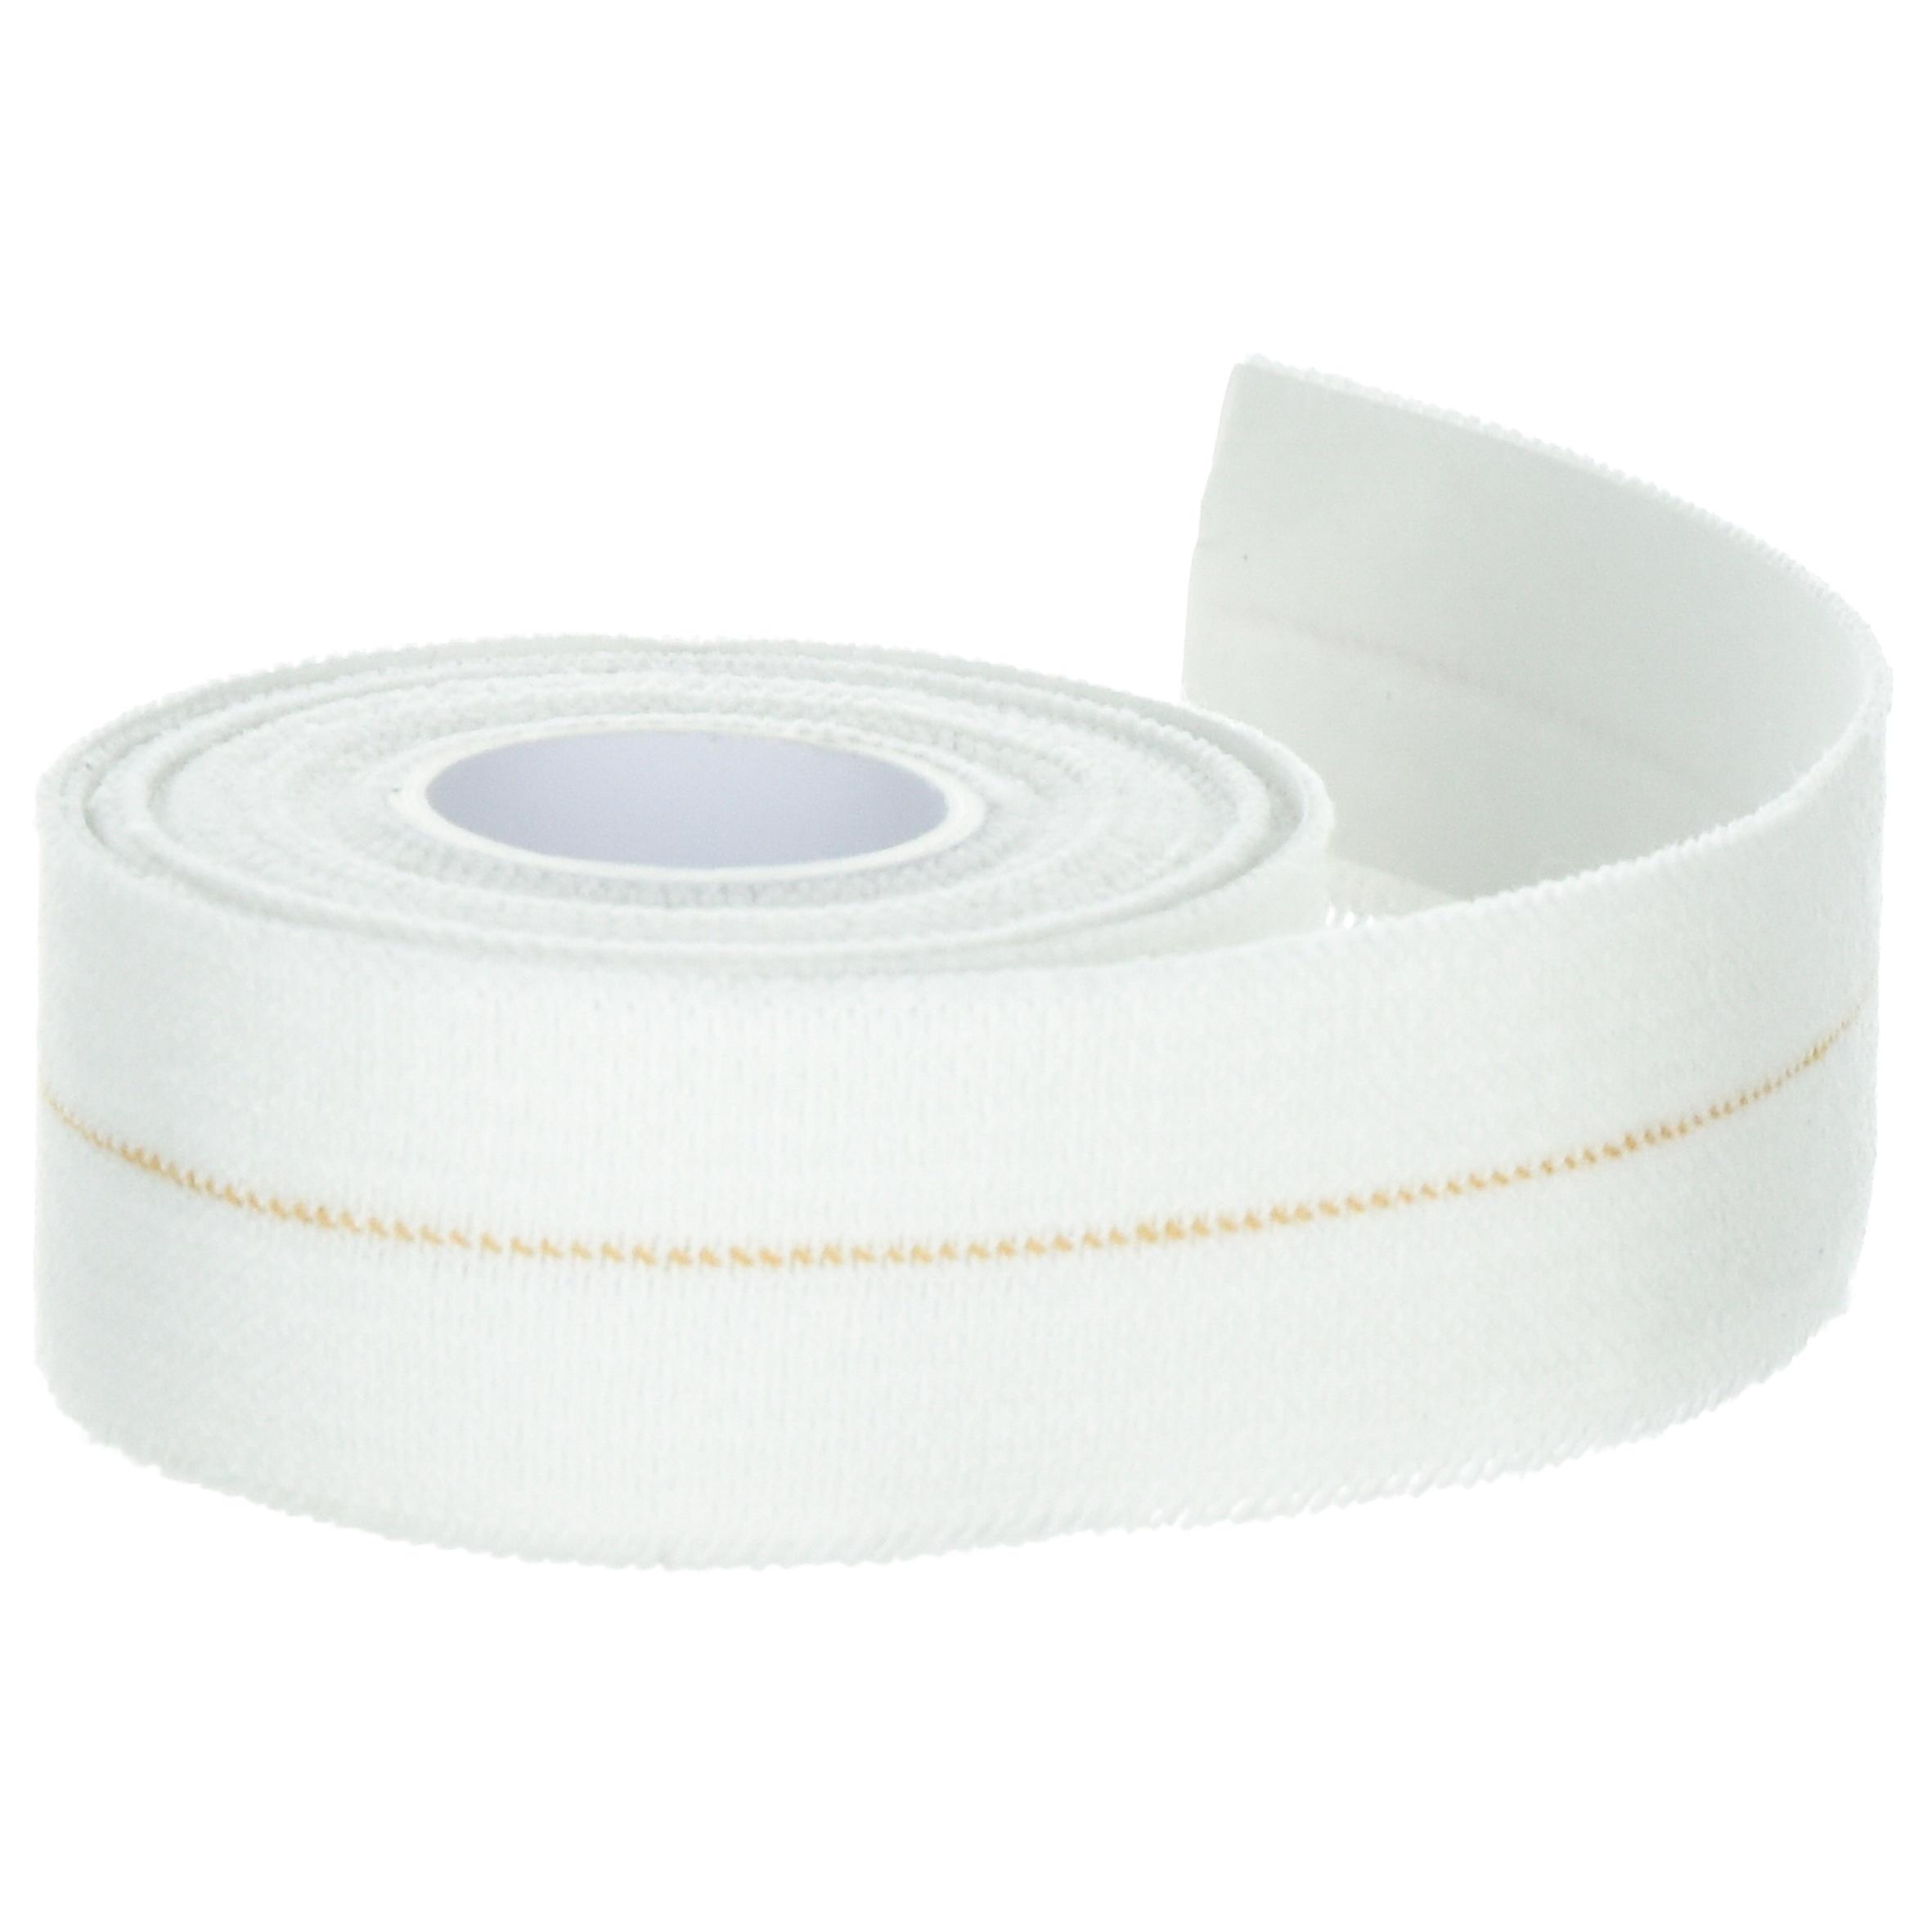 Bande élastique 3 cm x 2,5 cm blanche pour tous vos bandages de maintien.